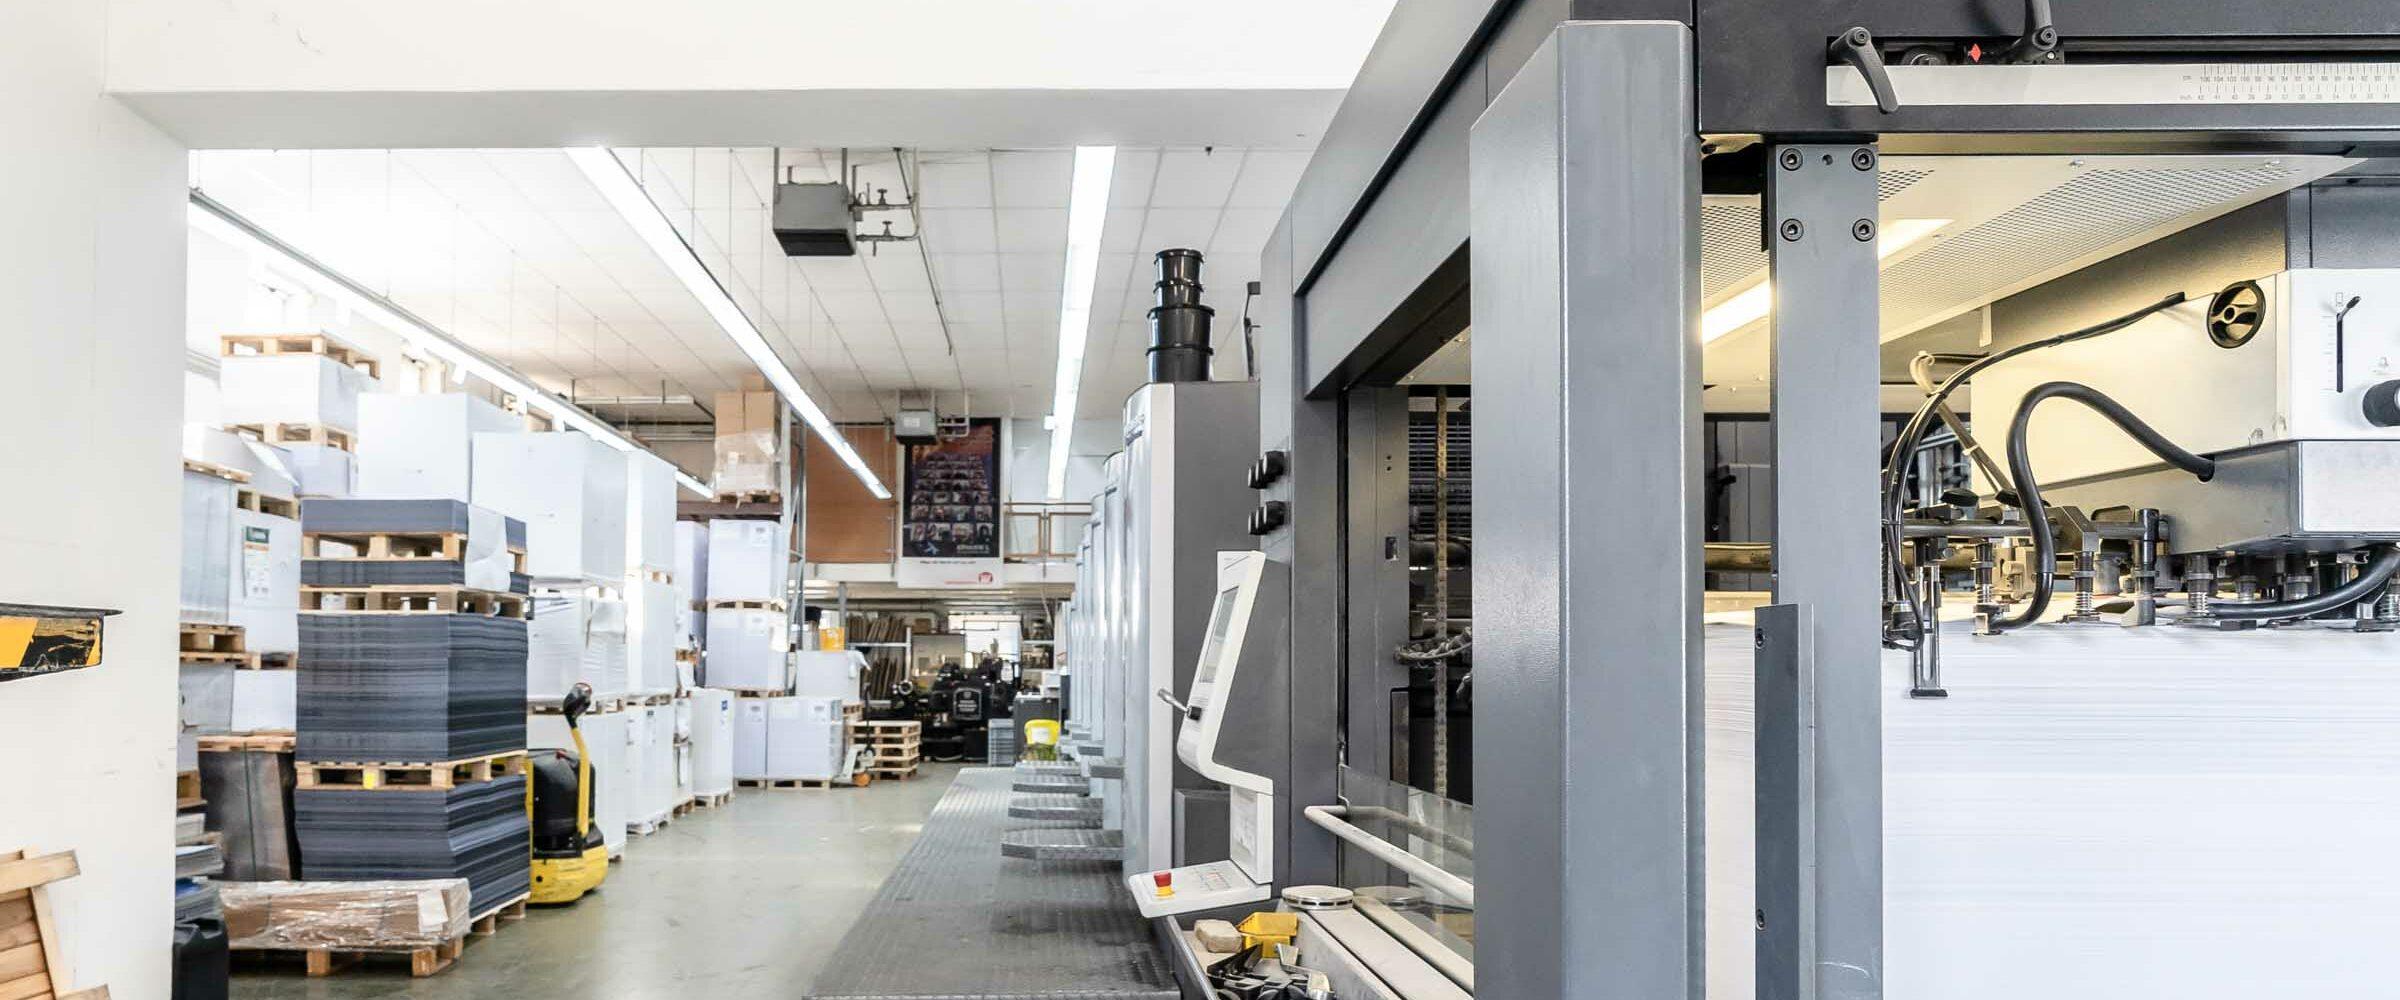 Wiesendanger medien, Druckerei, UV-Offset, CMYK